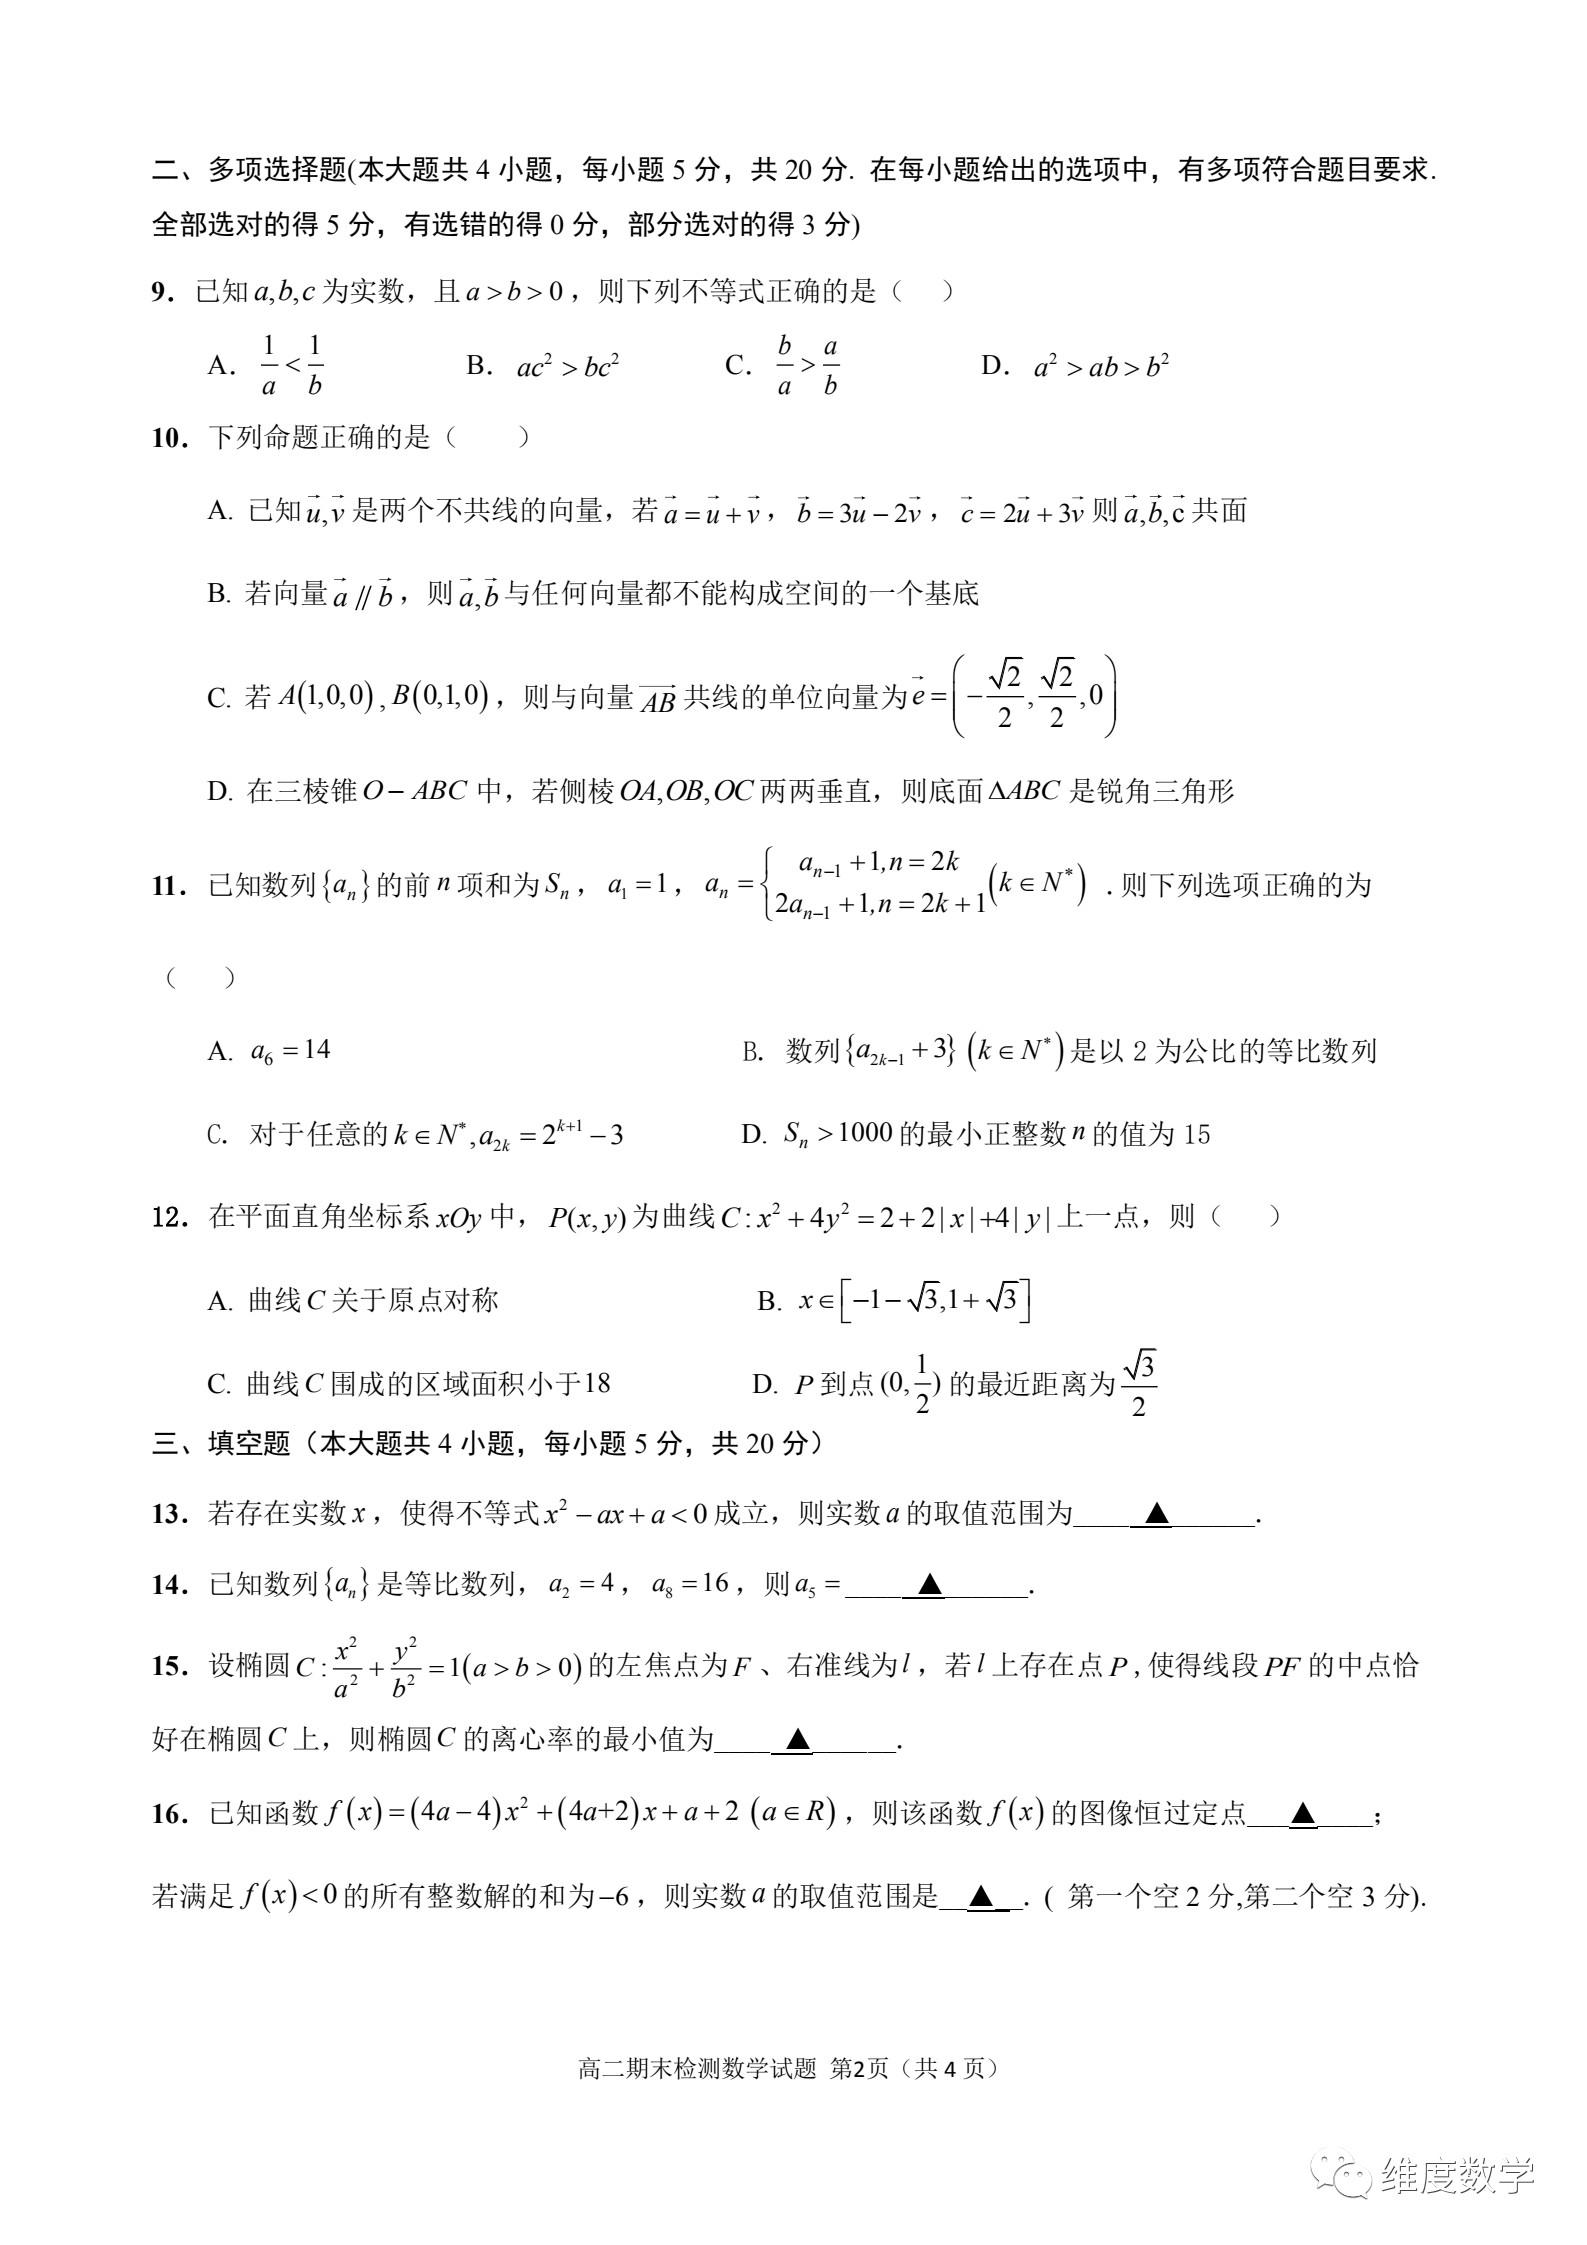 江苏省扬州市2020-2021学年度第一学期高二期末检测数学试题图2